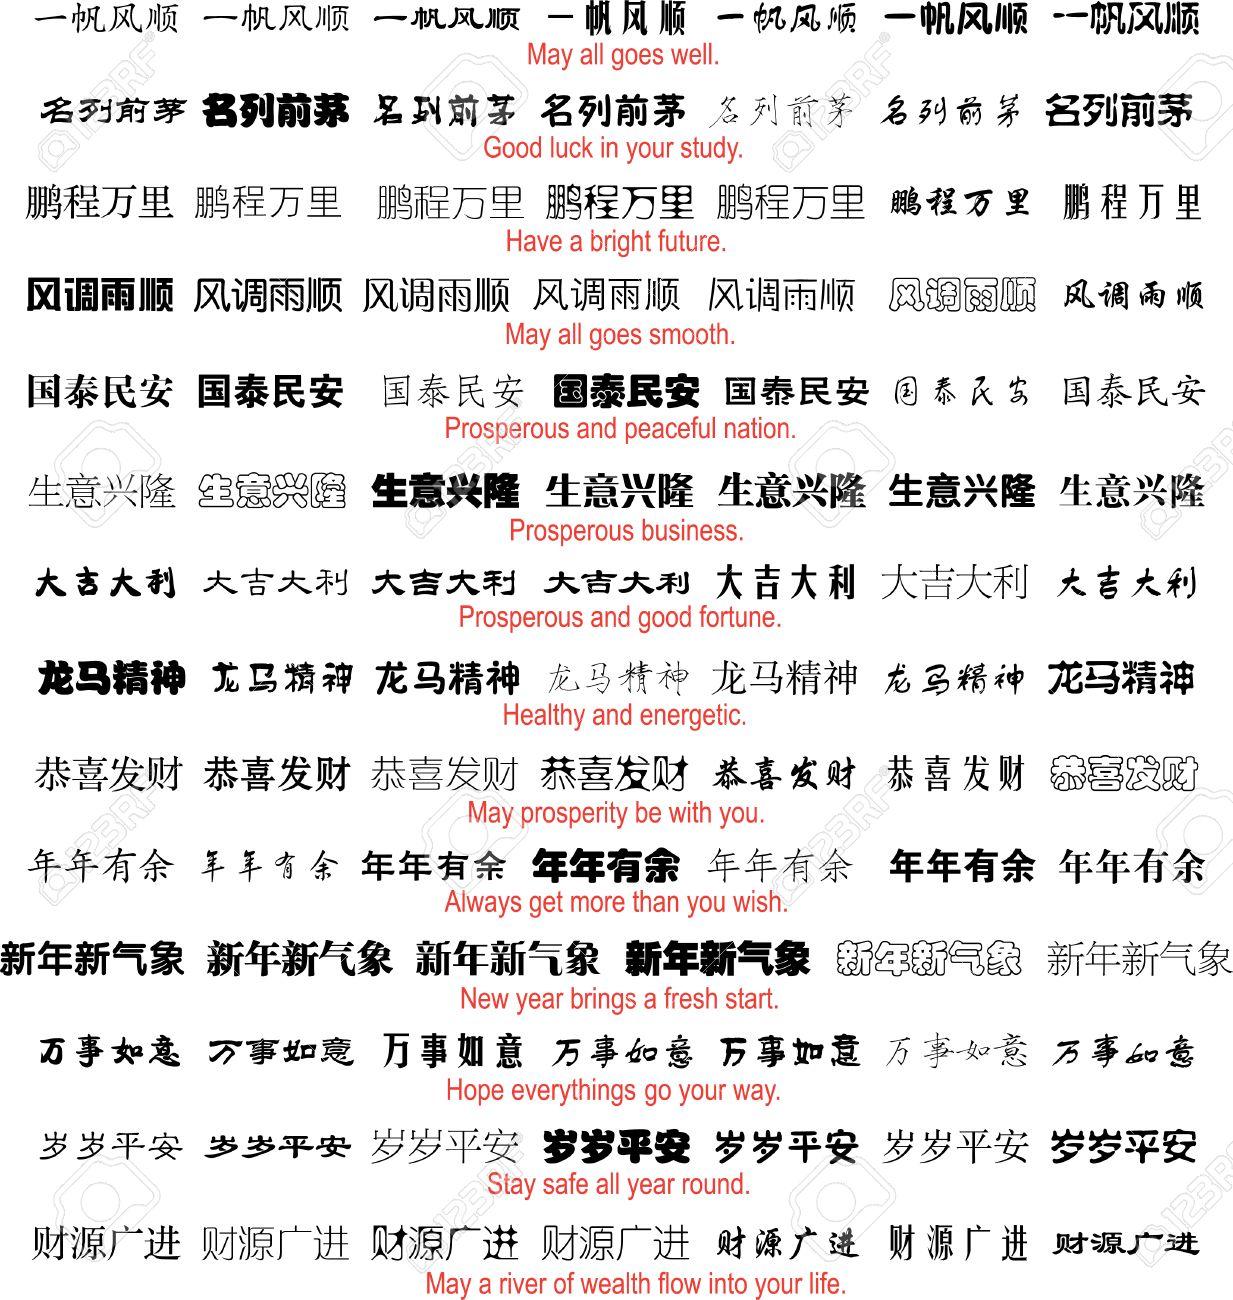 Caligrafía China Mucha Suerte Frase En Chino De Traducción Inglés